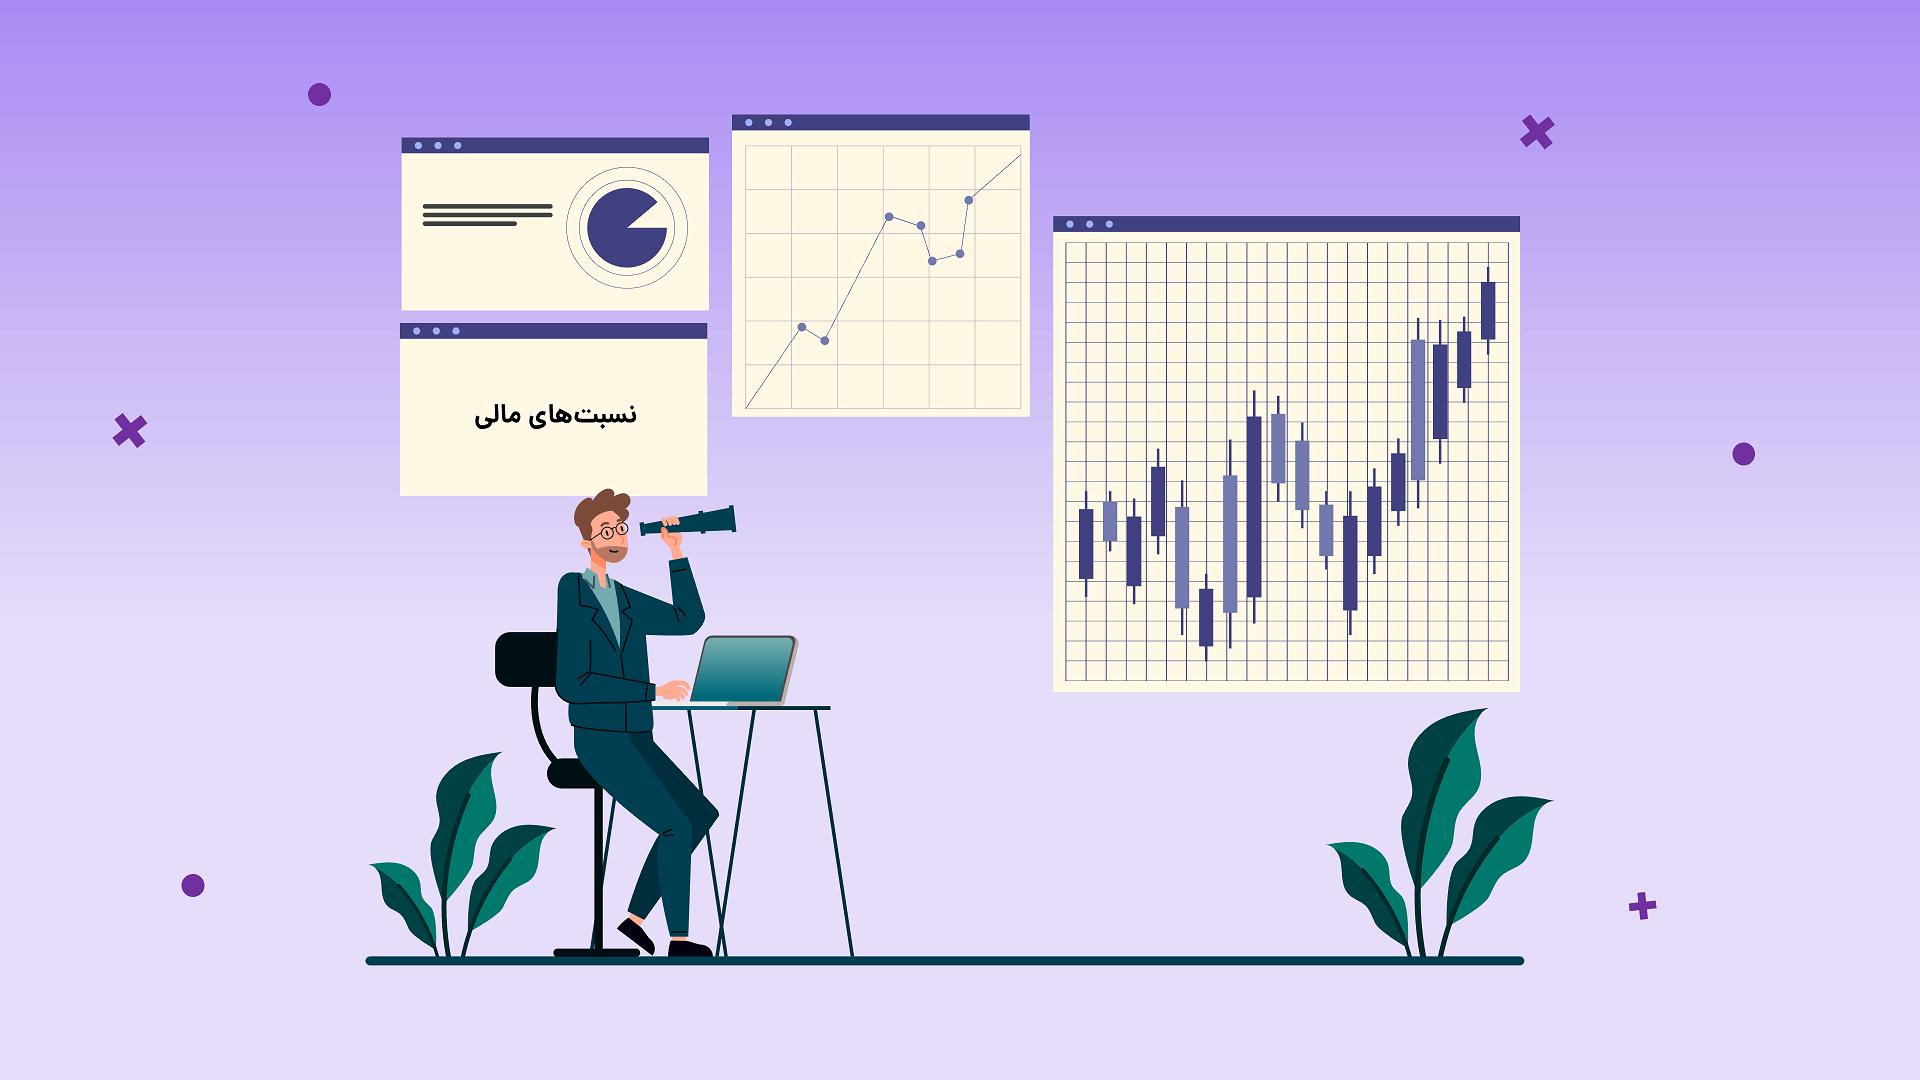 روش تحلیل سبد سهام متنوع و کم ریسک